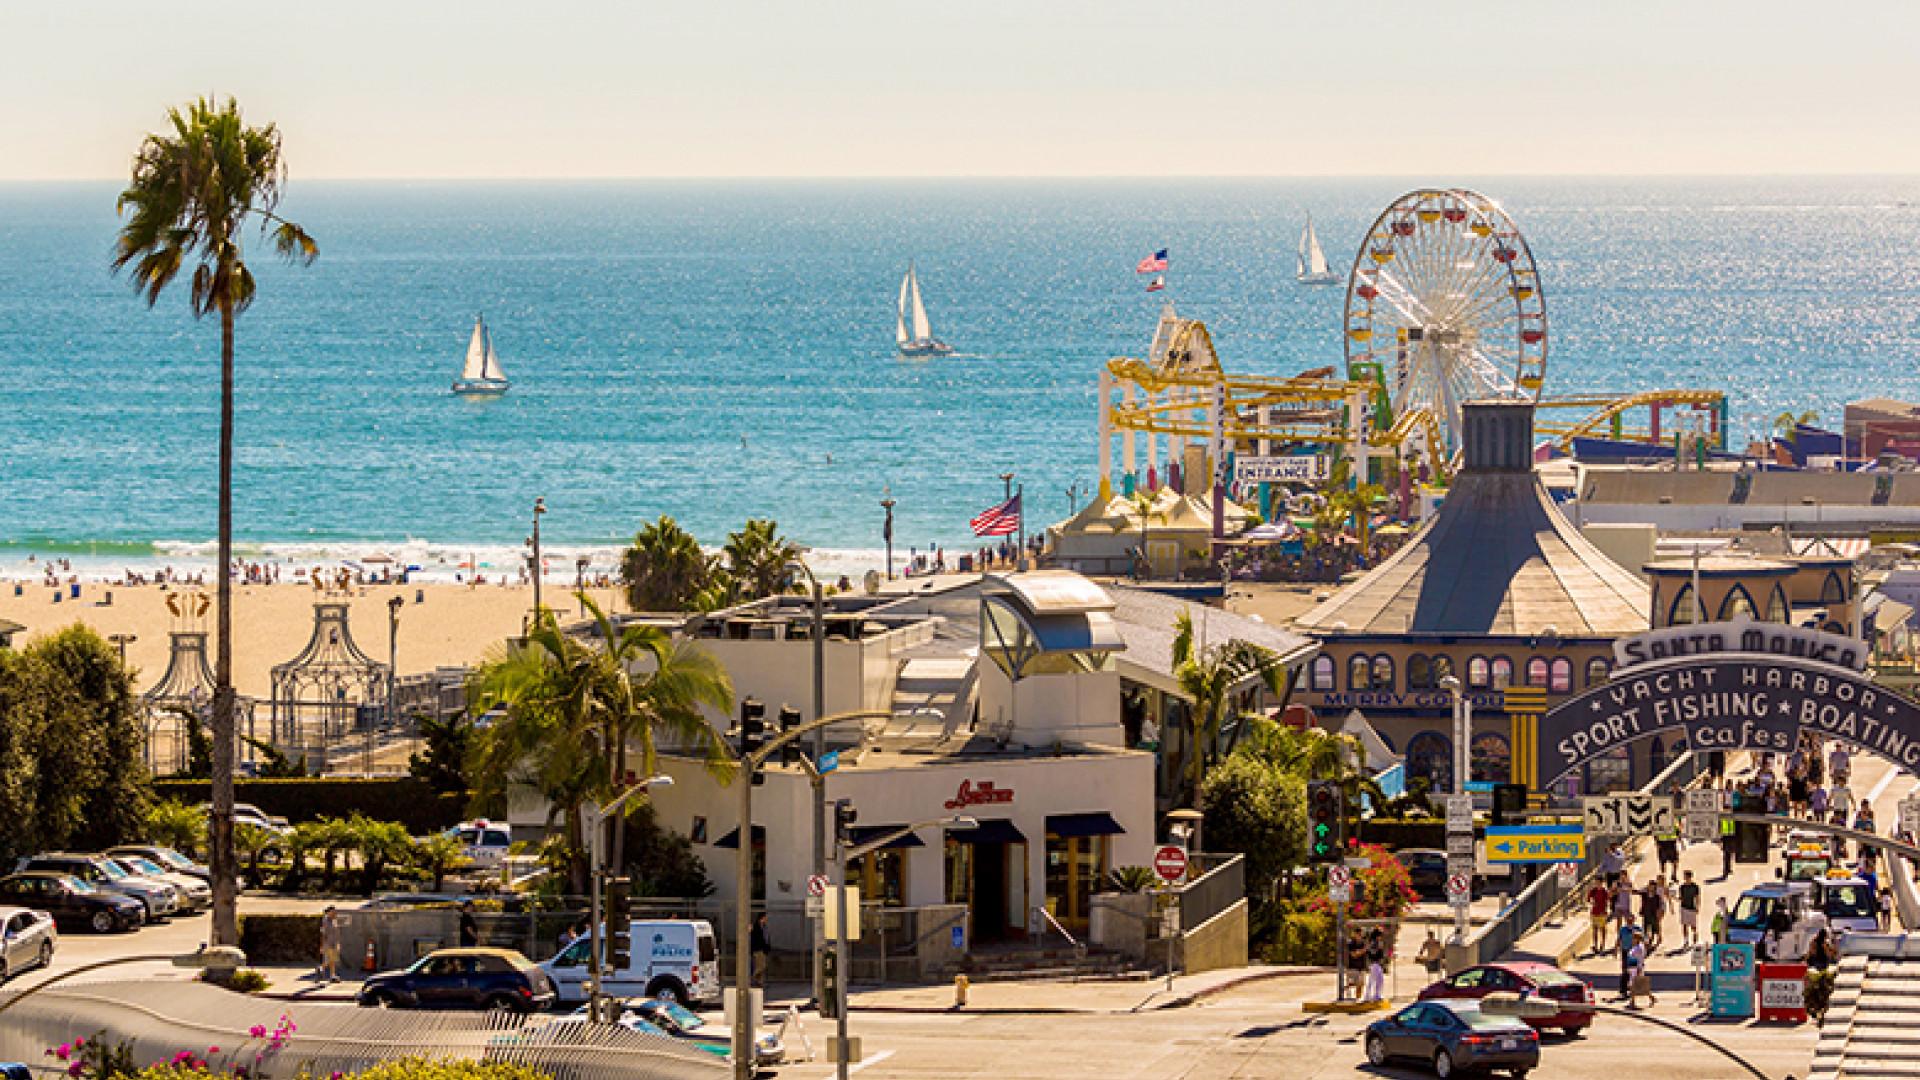 Beach-Ferris-Wheel-and-Ocean